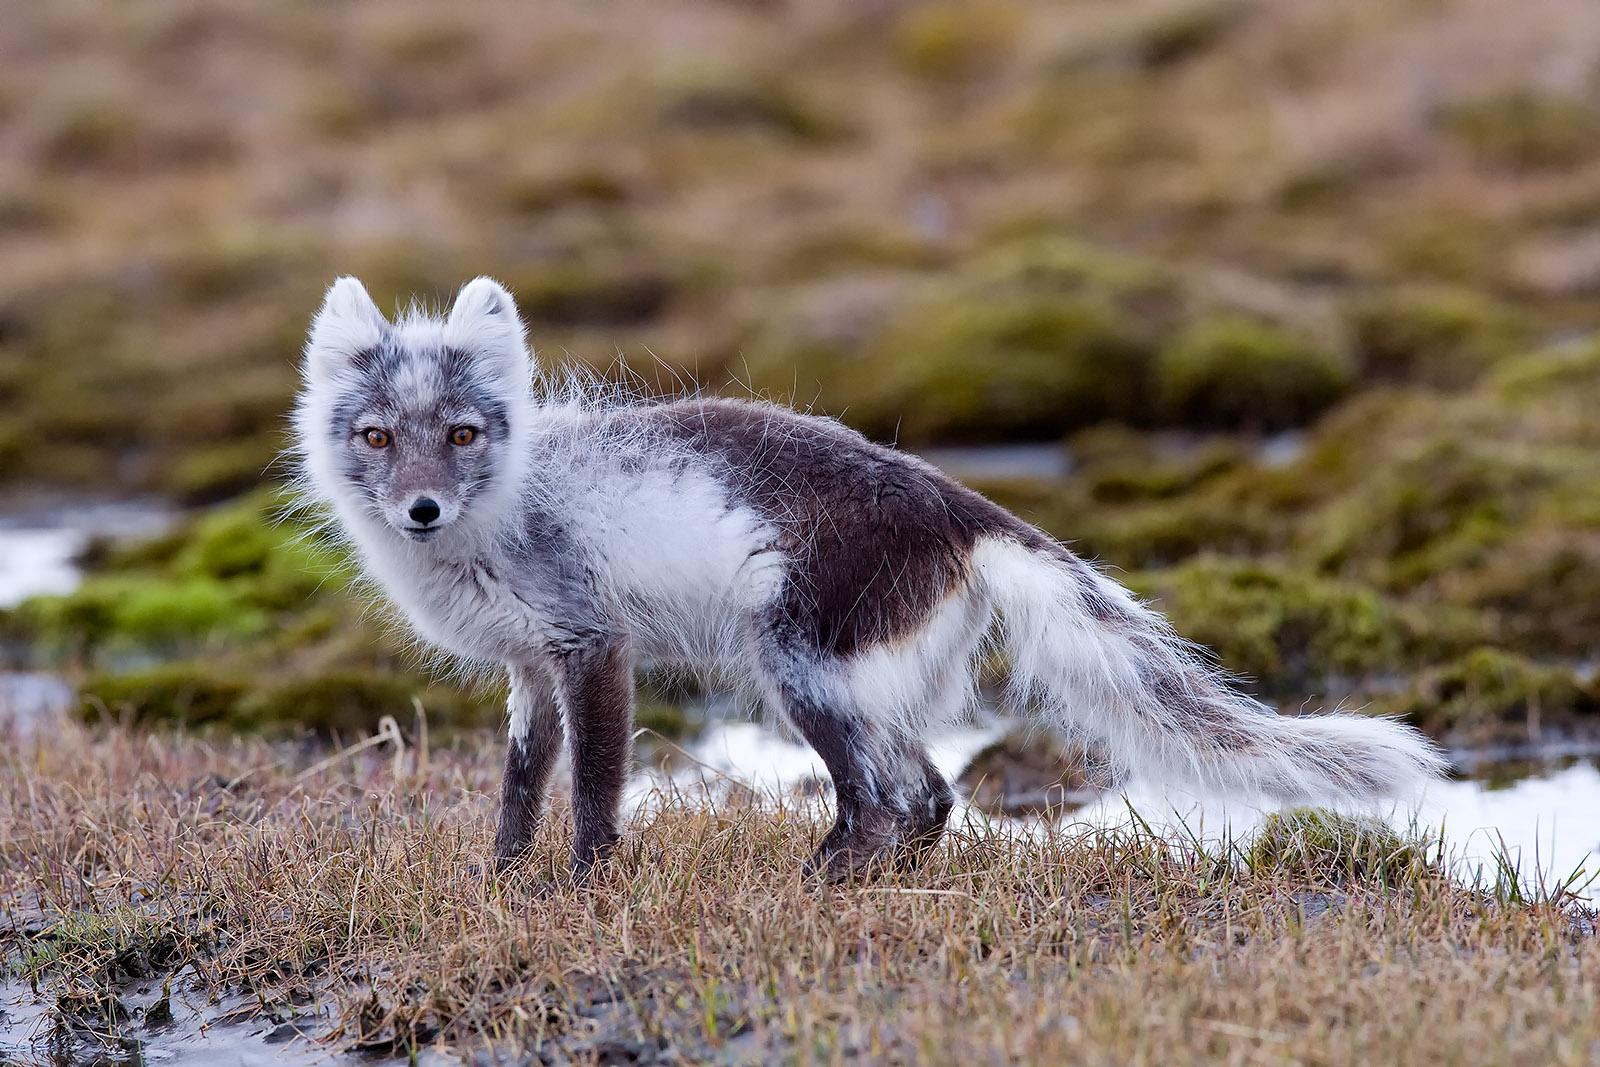 foto: Jan Duker | Poolvos op Spitsbergen